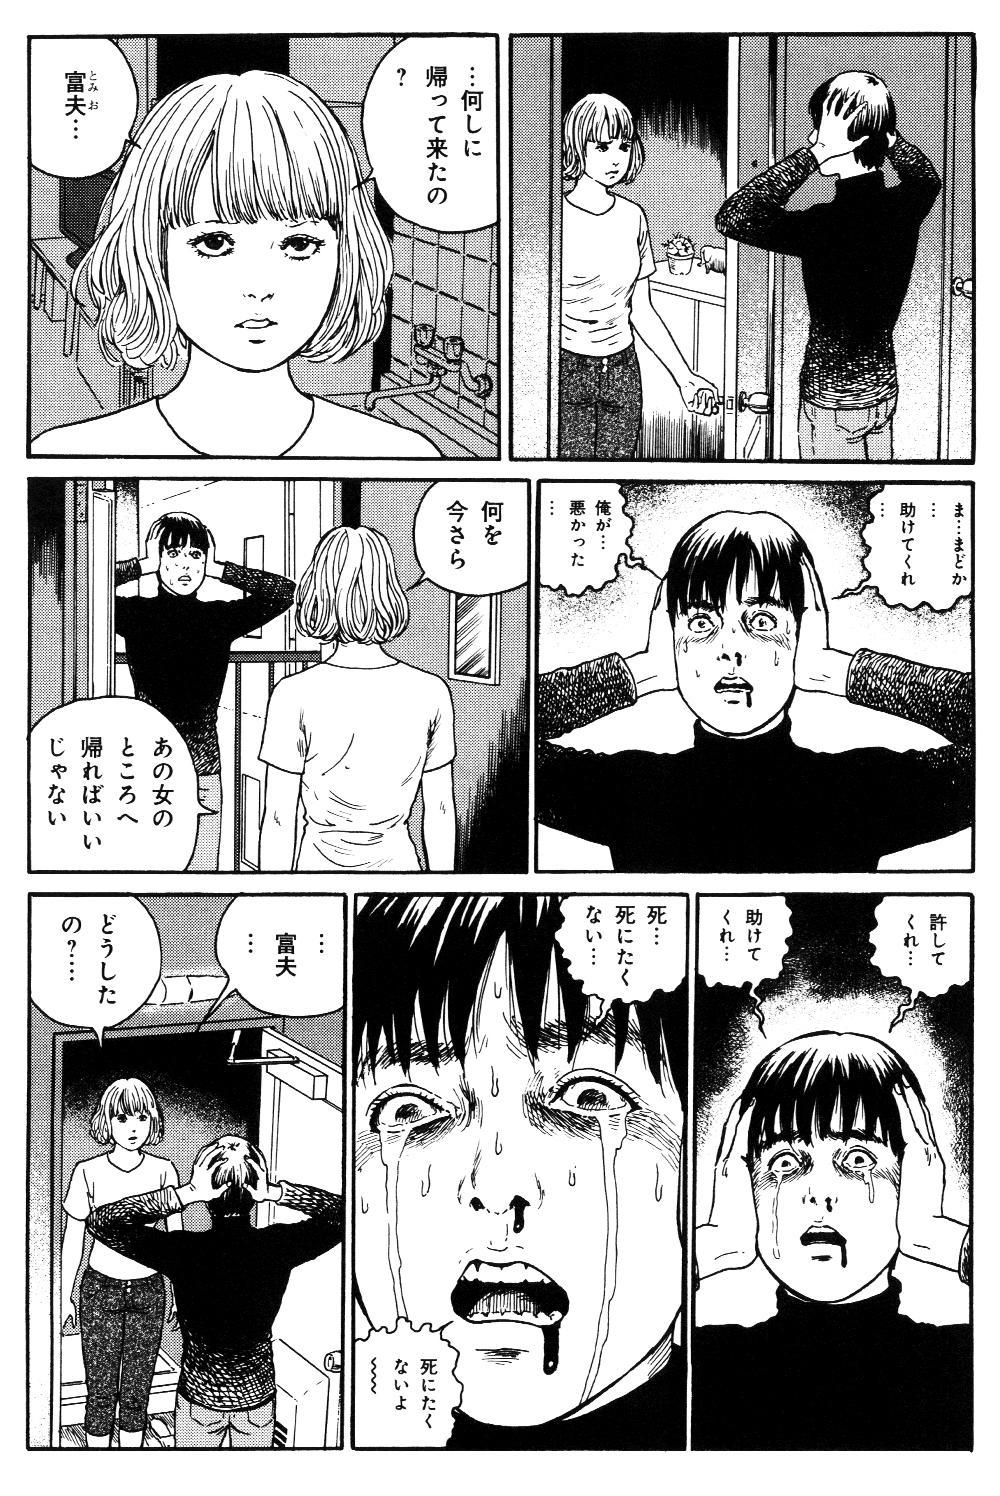 魔の断片 第3話「富夫・赤いハイネック」①jisen05-05.jpg